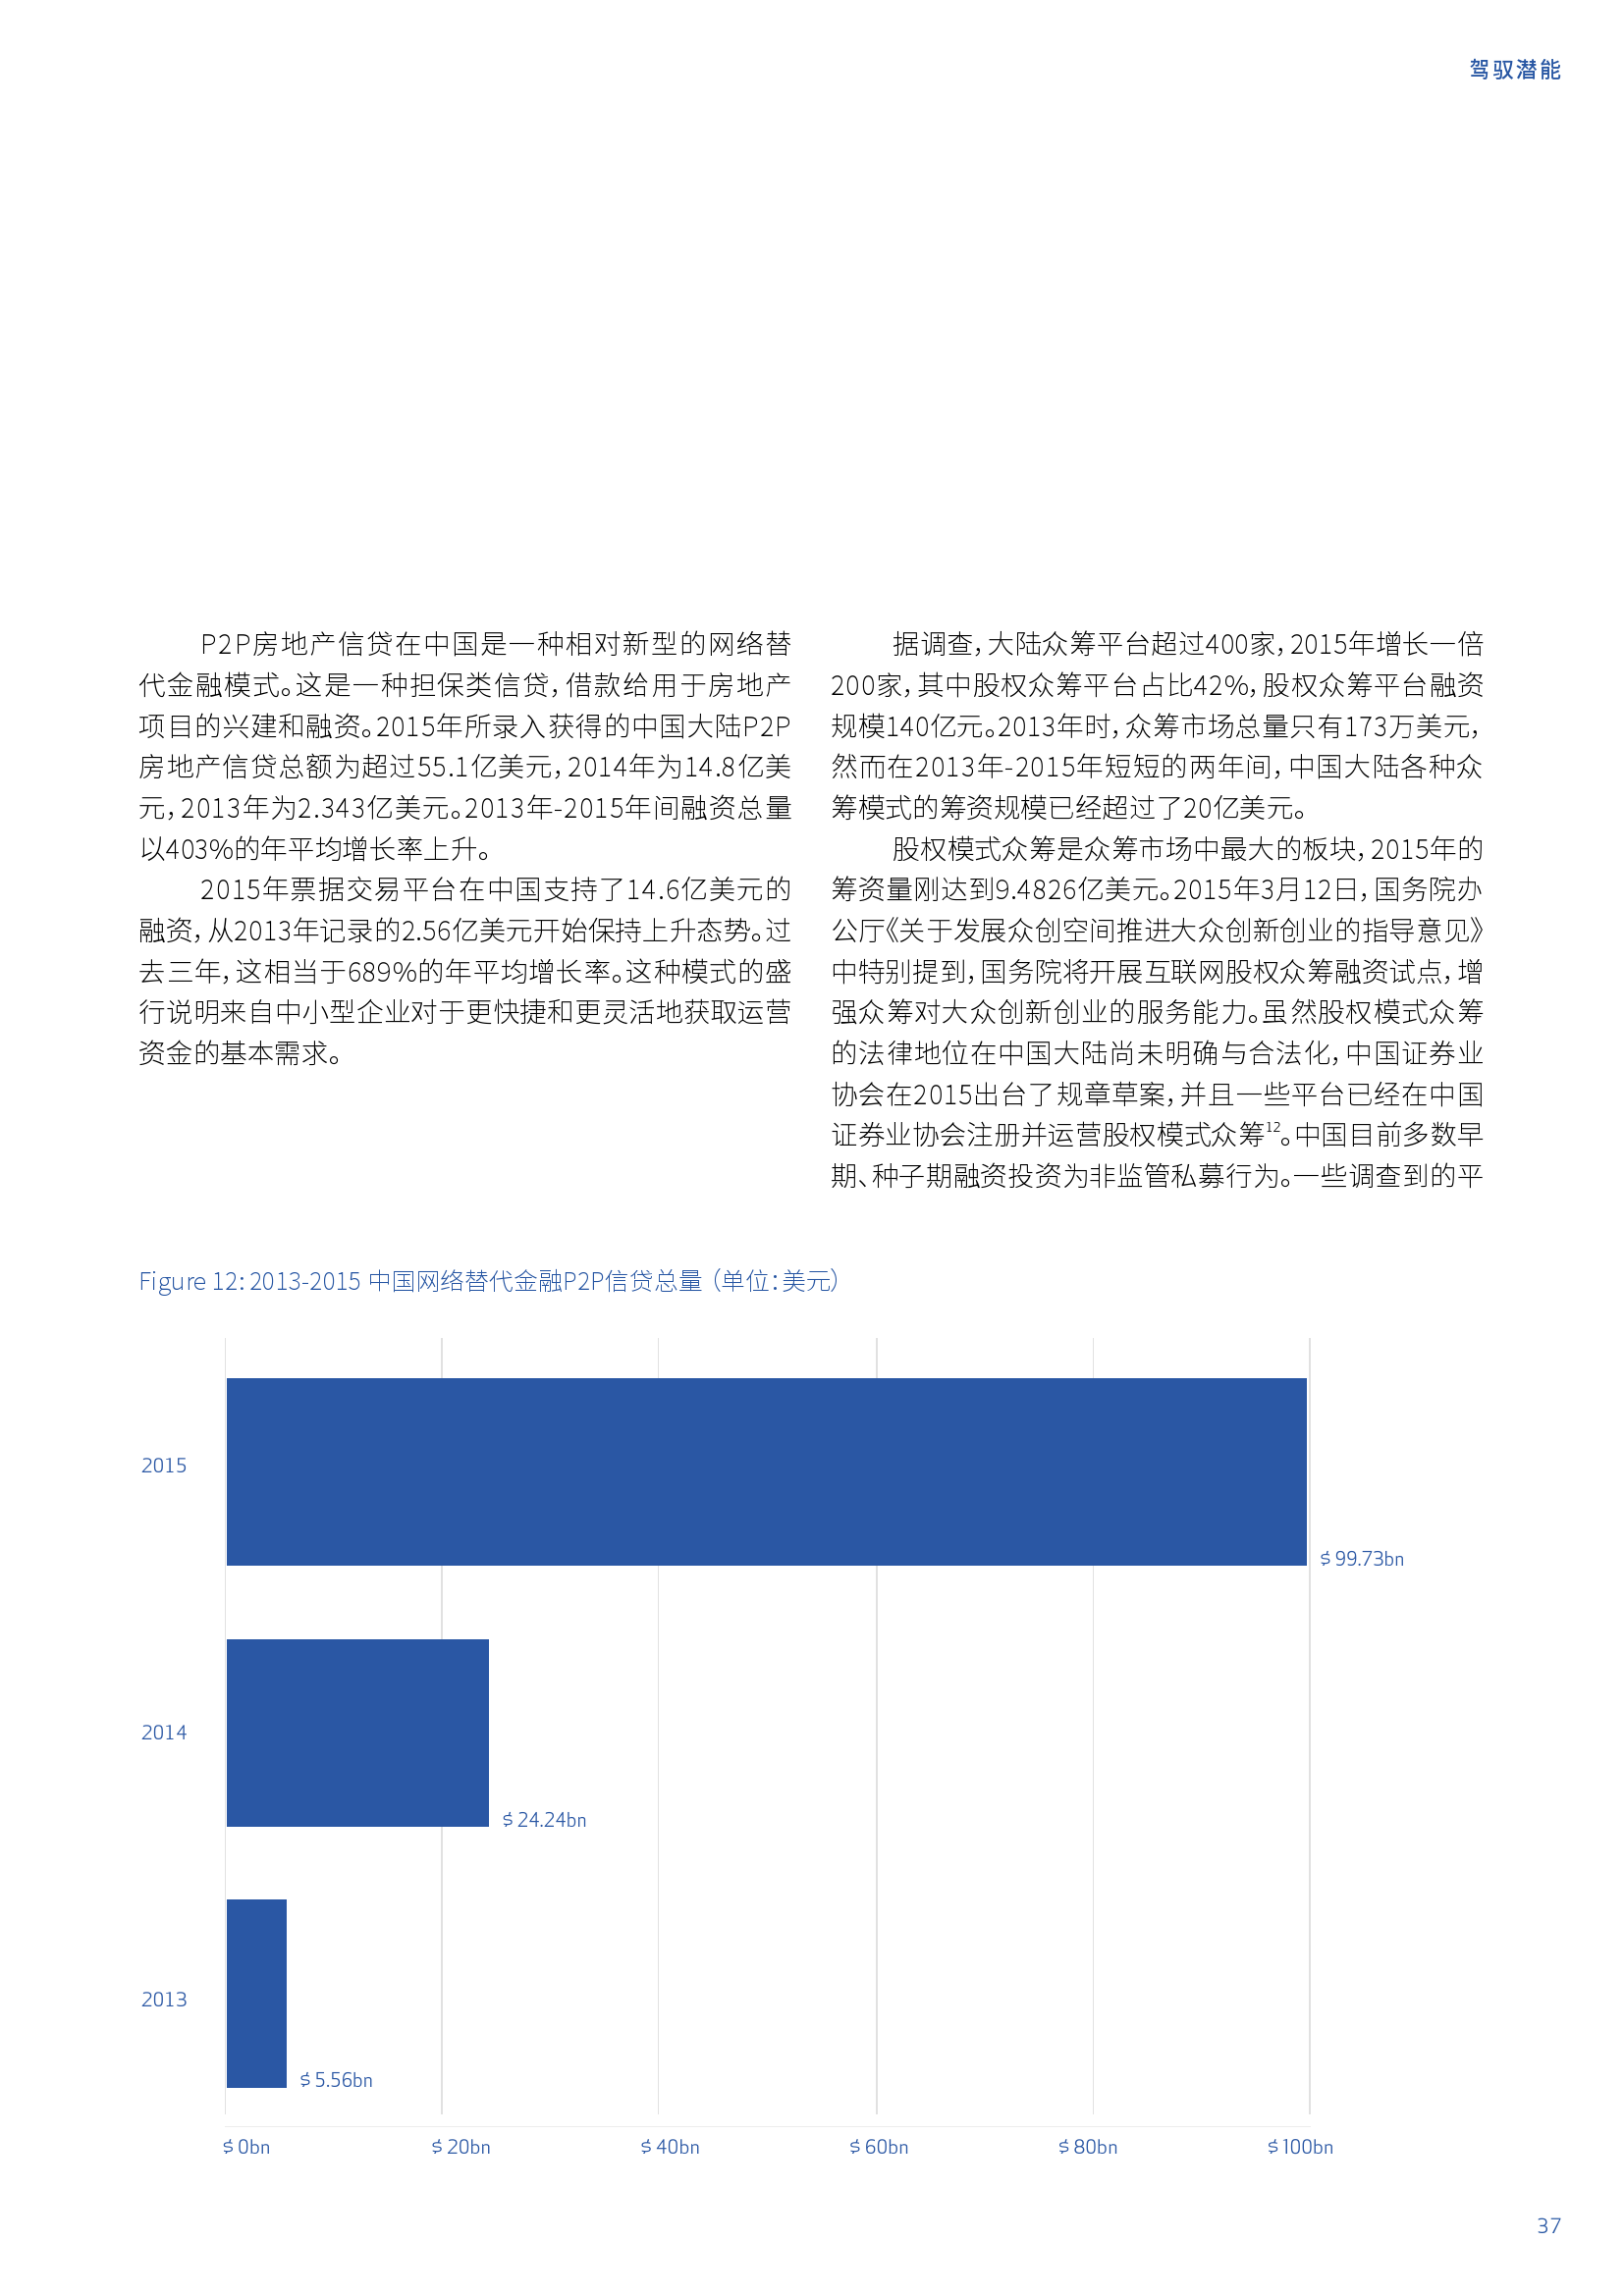 亚太地区网络替代金融基准报告_000037